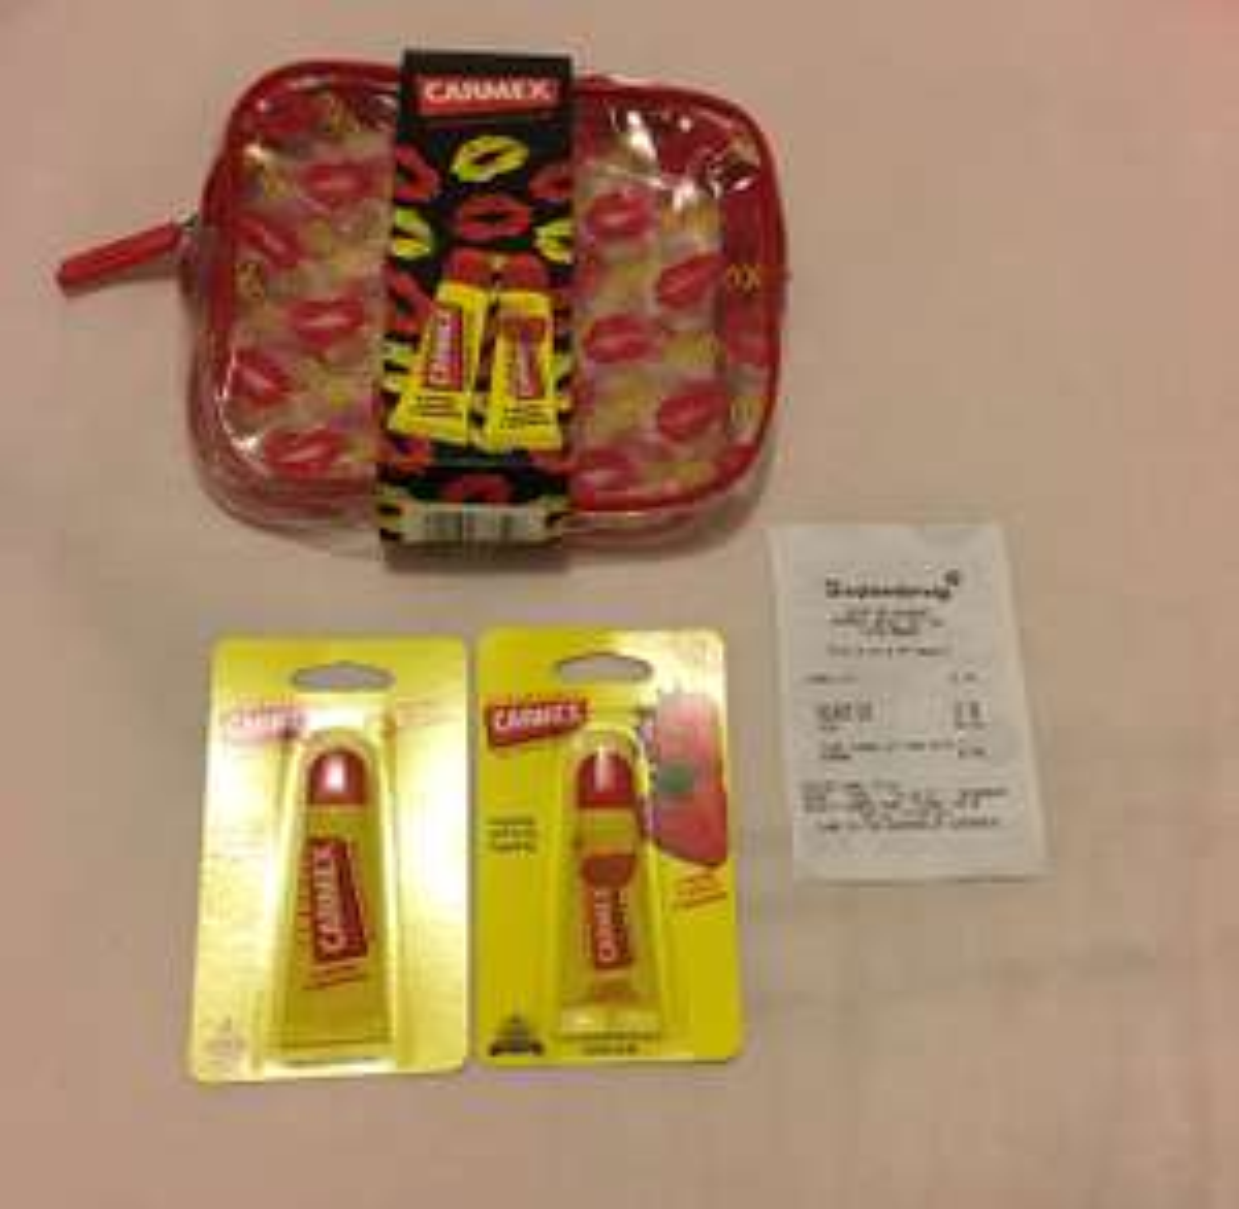 £1.99 for 2 Full Size Carmex Lip Balm + Makeup Bag (Superdrug)